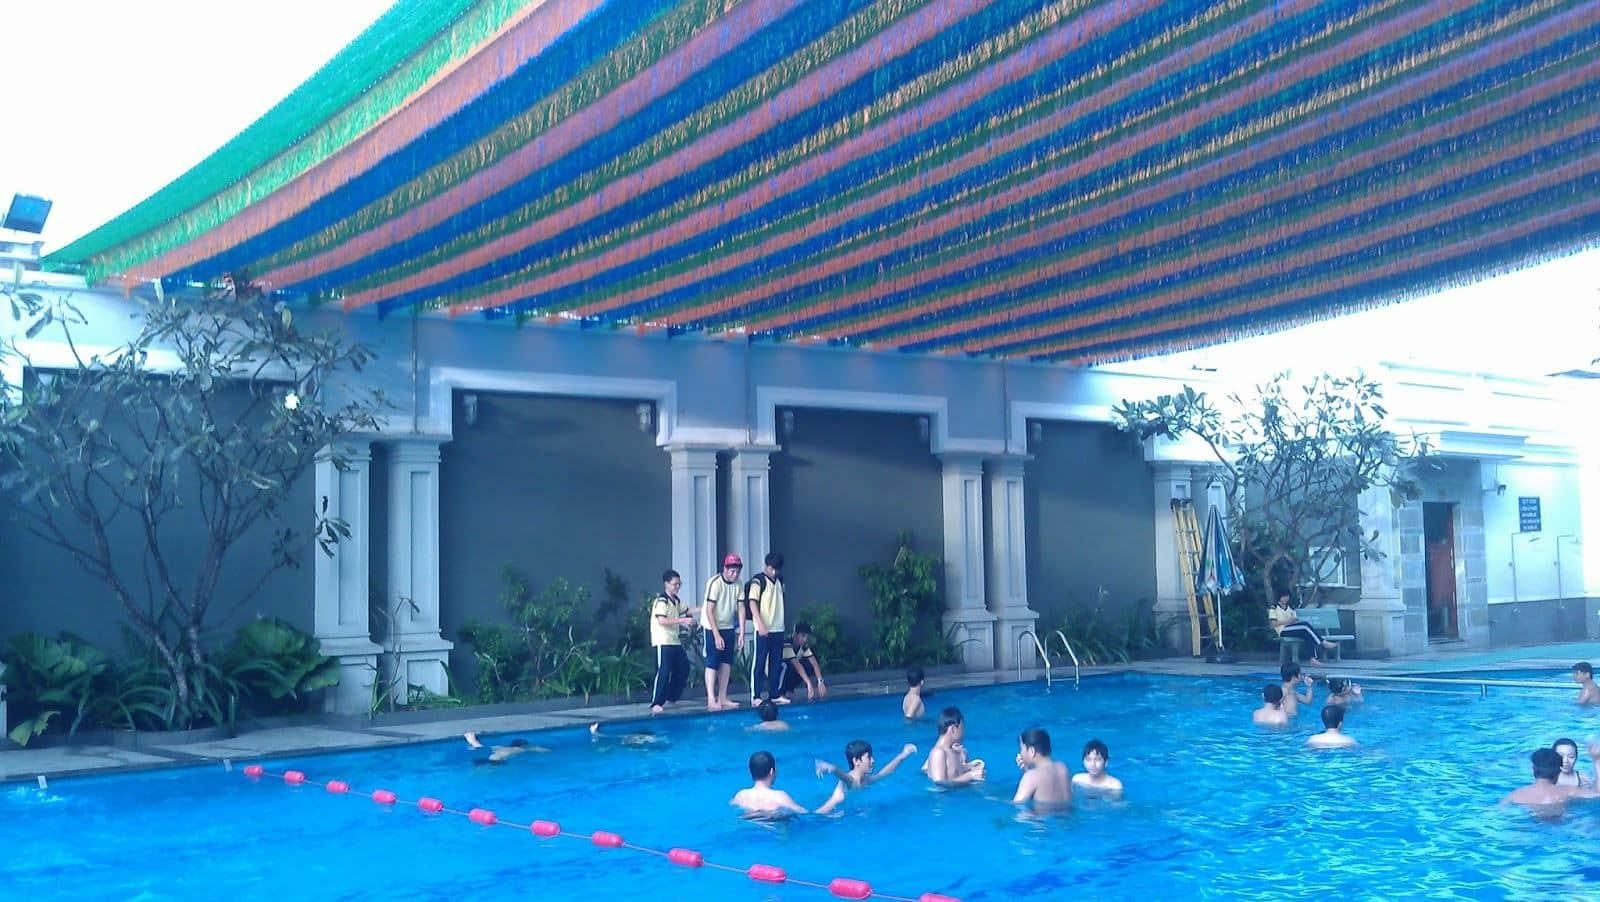 Bạt che nắng bể bơi PHÚ THÀNH